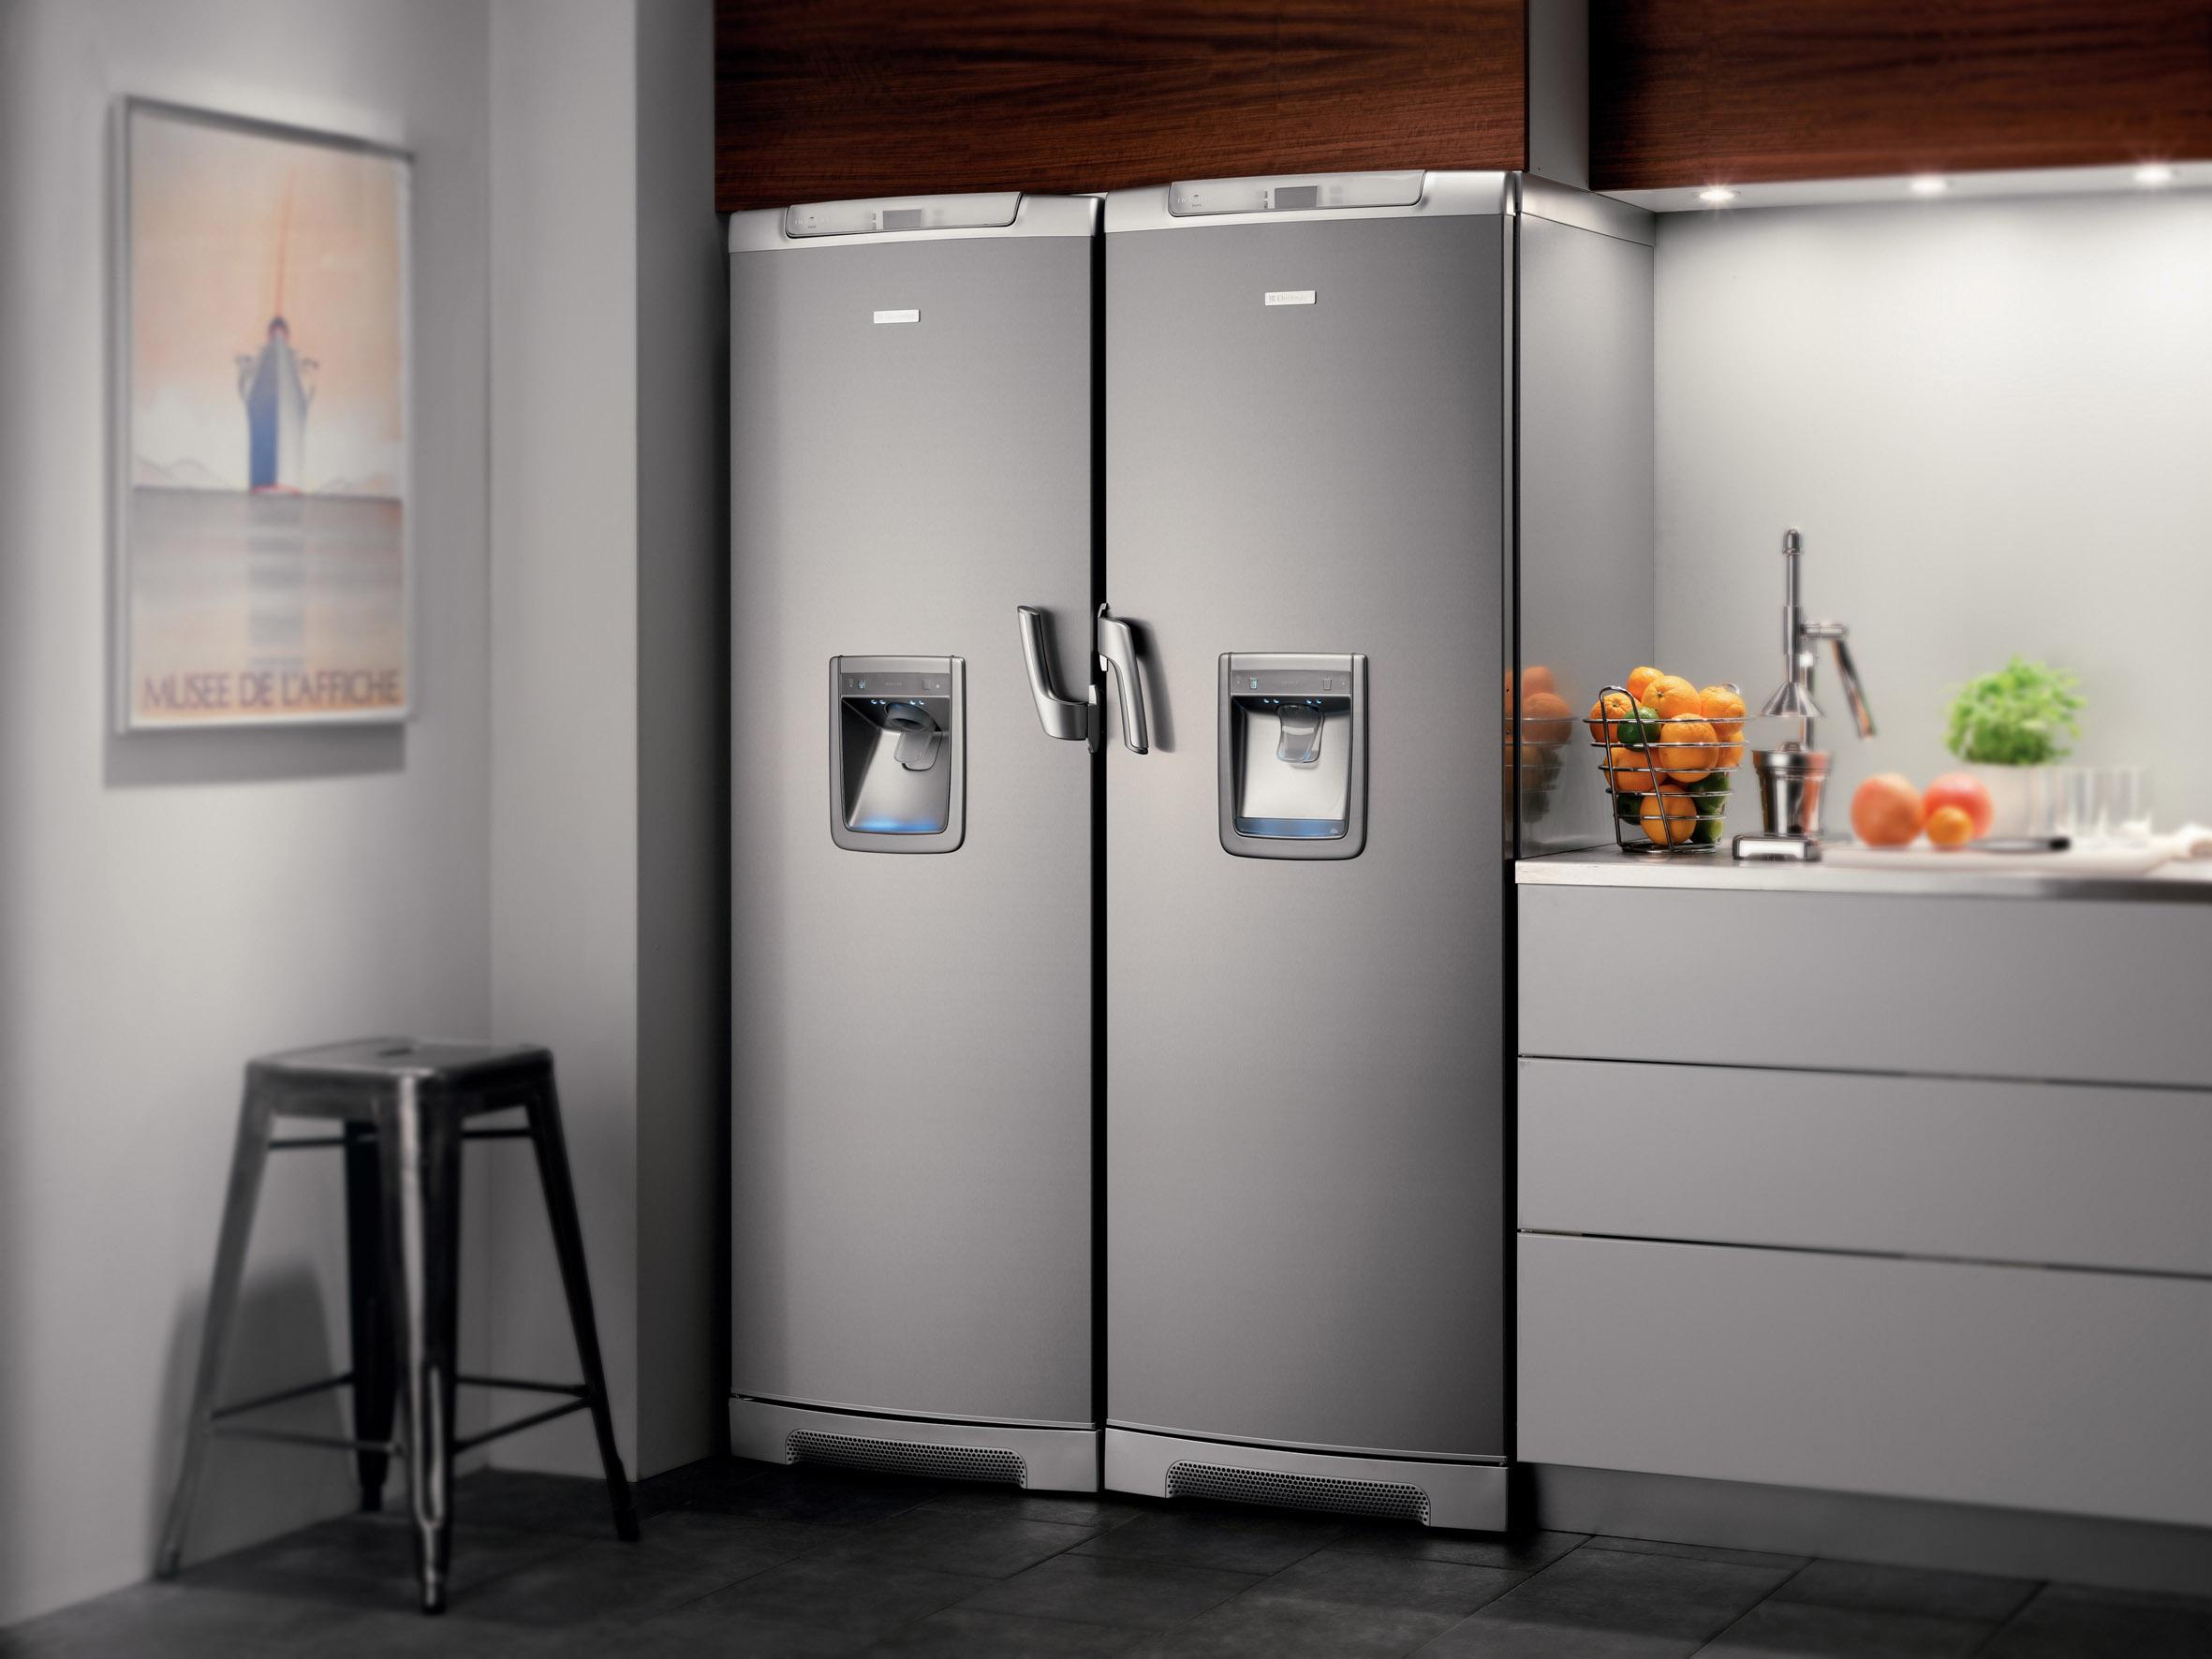 Bomann Kühlschrank Temperatur Einstellen : Kühlschrank einstellen kühlschrank gorenje bewertung tommie r